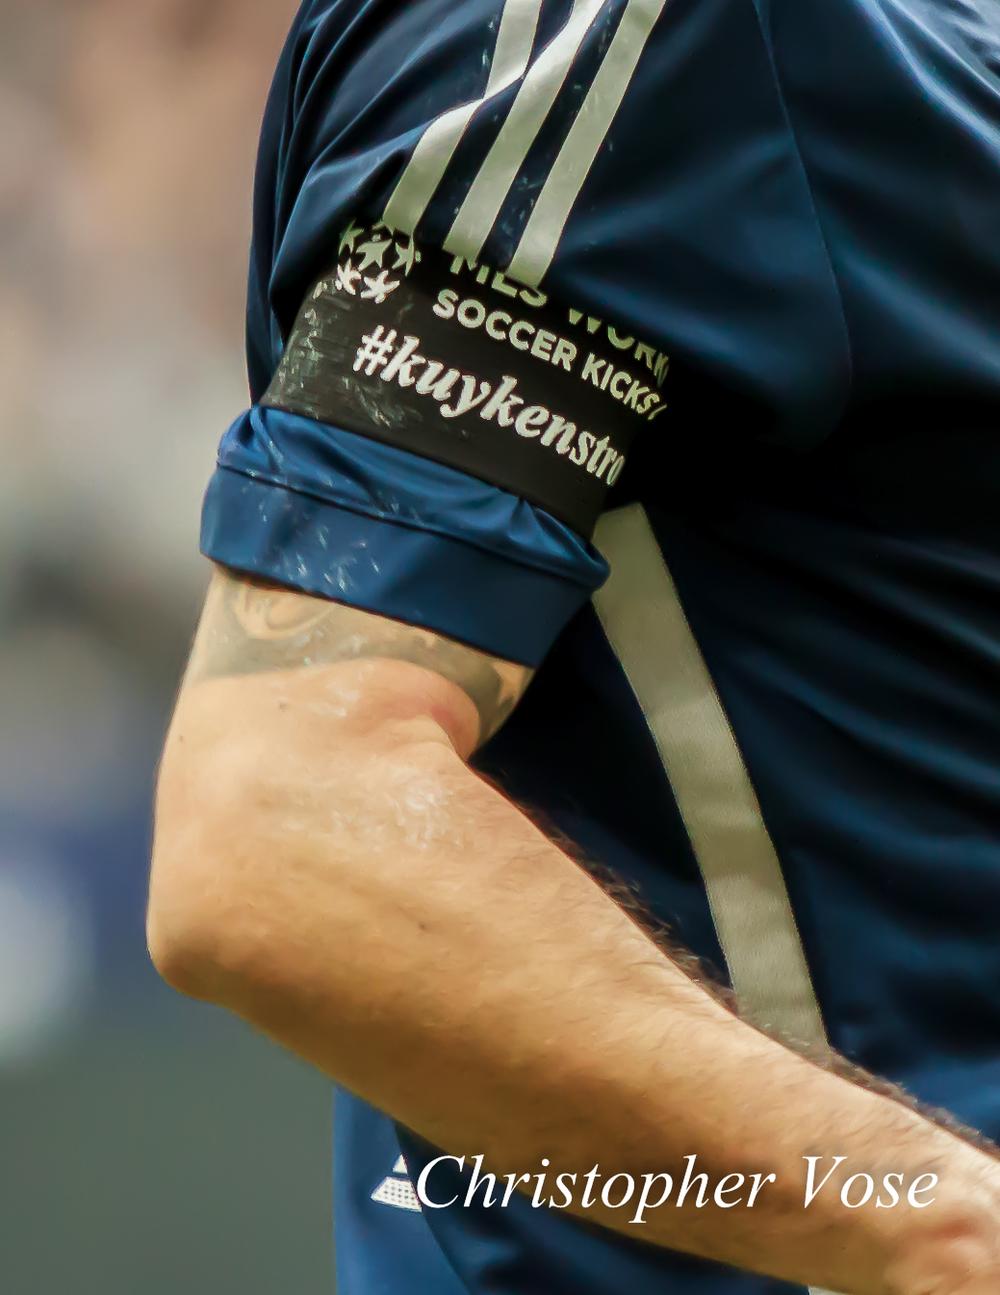 2014-03-29 MLS Works Soccer Kicks Cancer #kuykenstrong.jpg